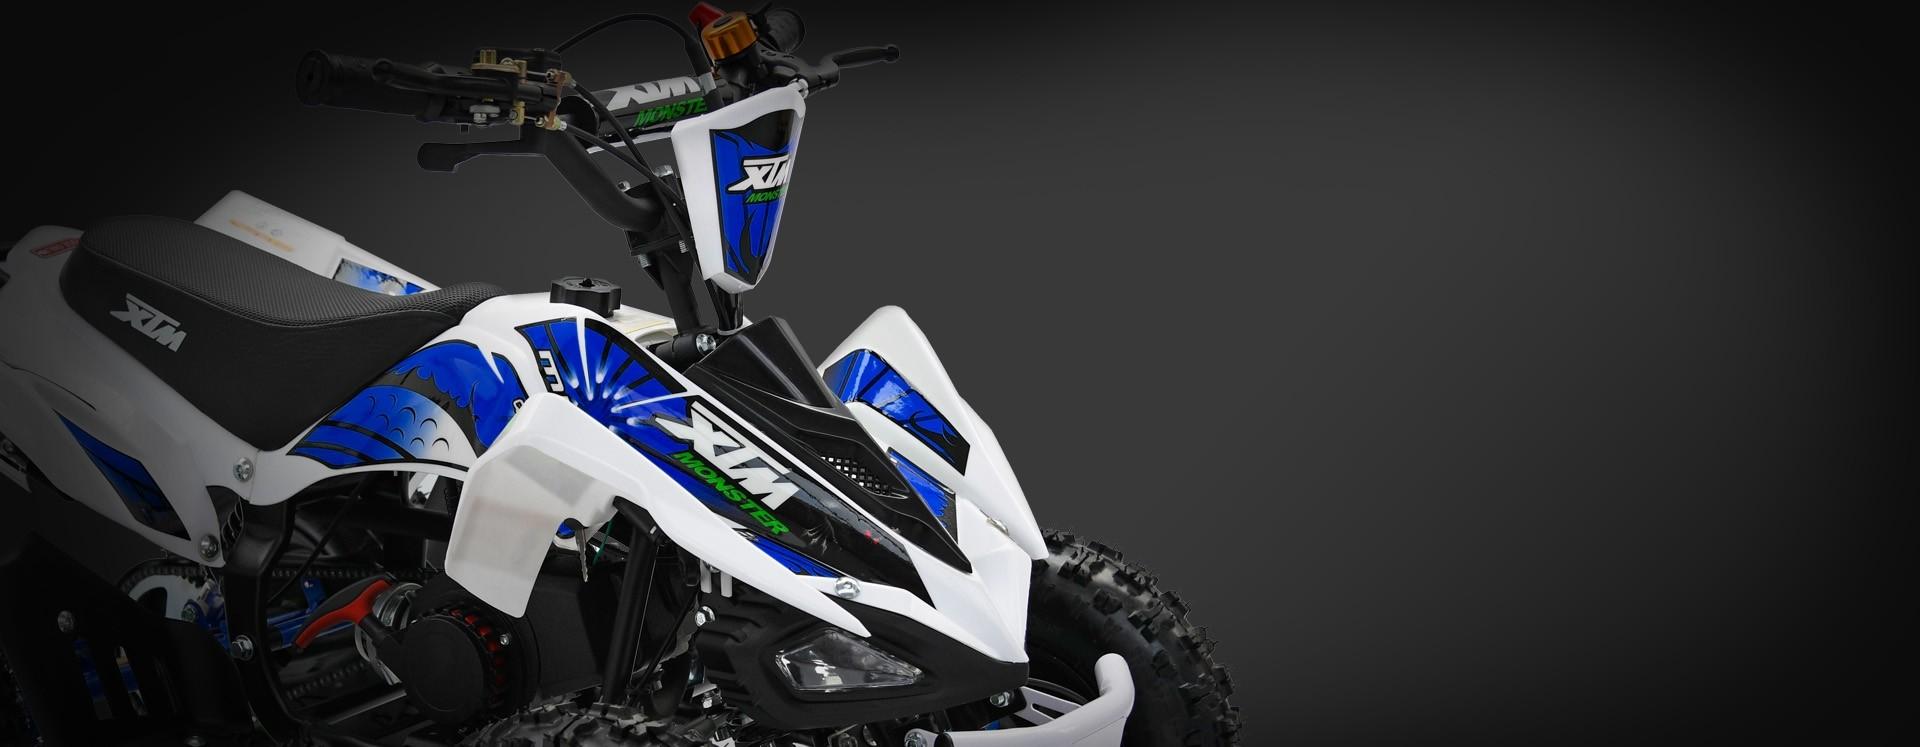 XTM MONSTER 50cc QUAD BIKE WHITE BLUE